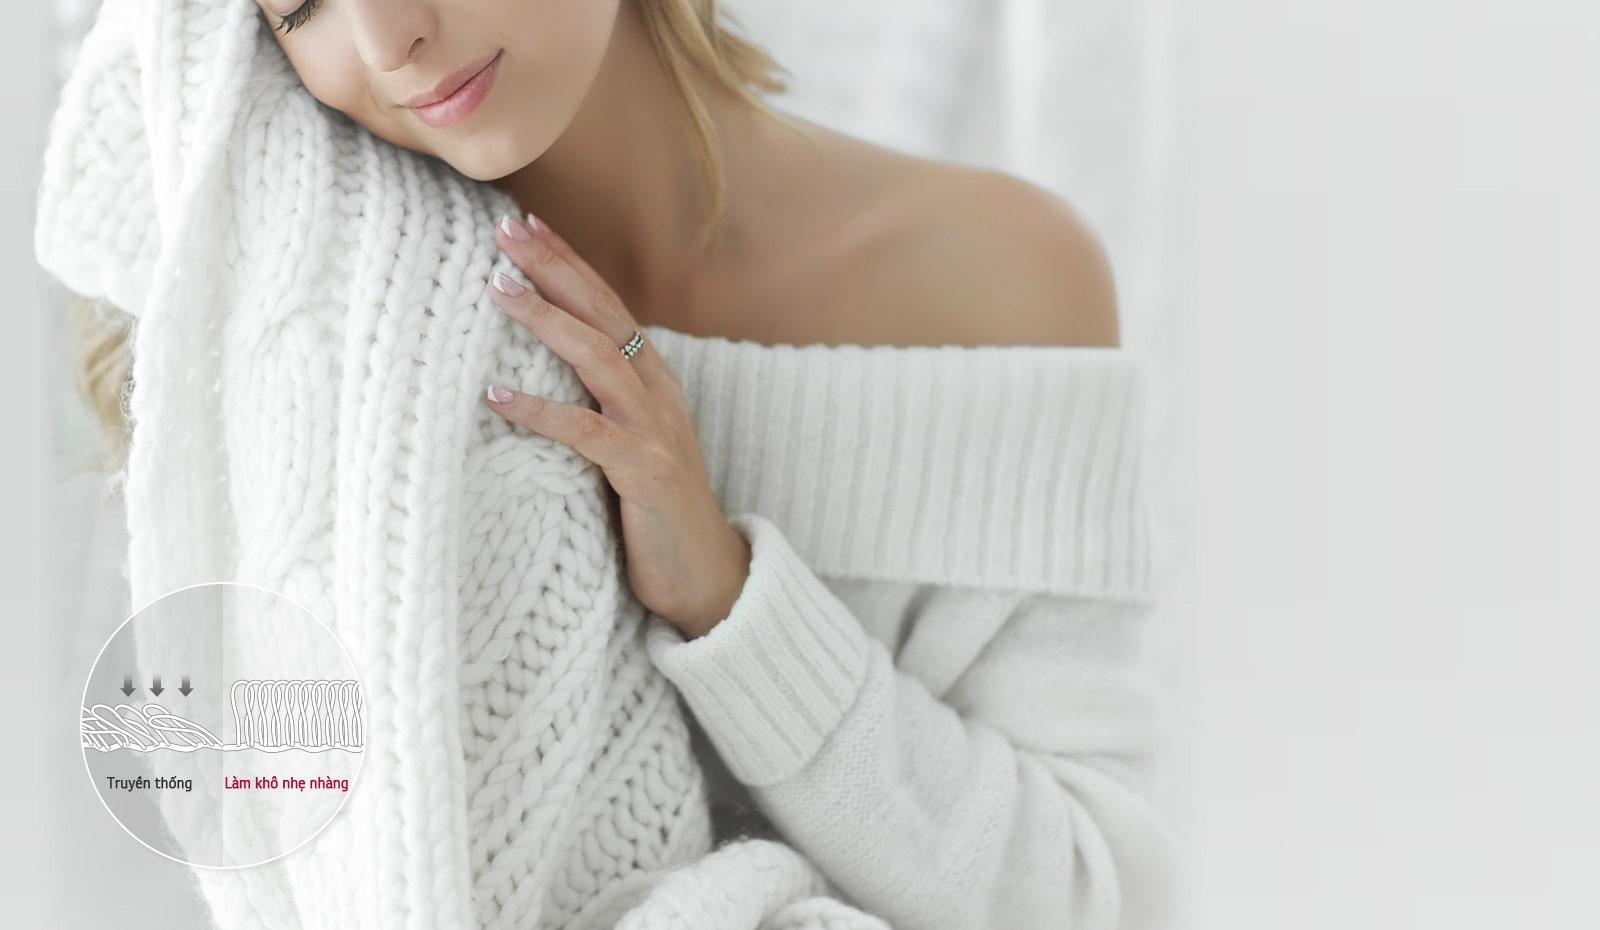 Ngăn ngừa sự co rút<br> và hư hỏng quần áo<br>3